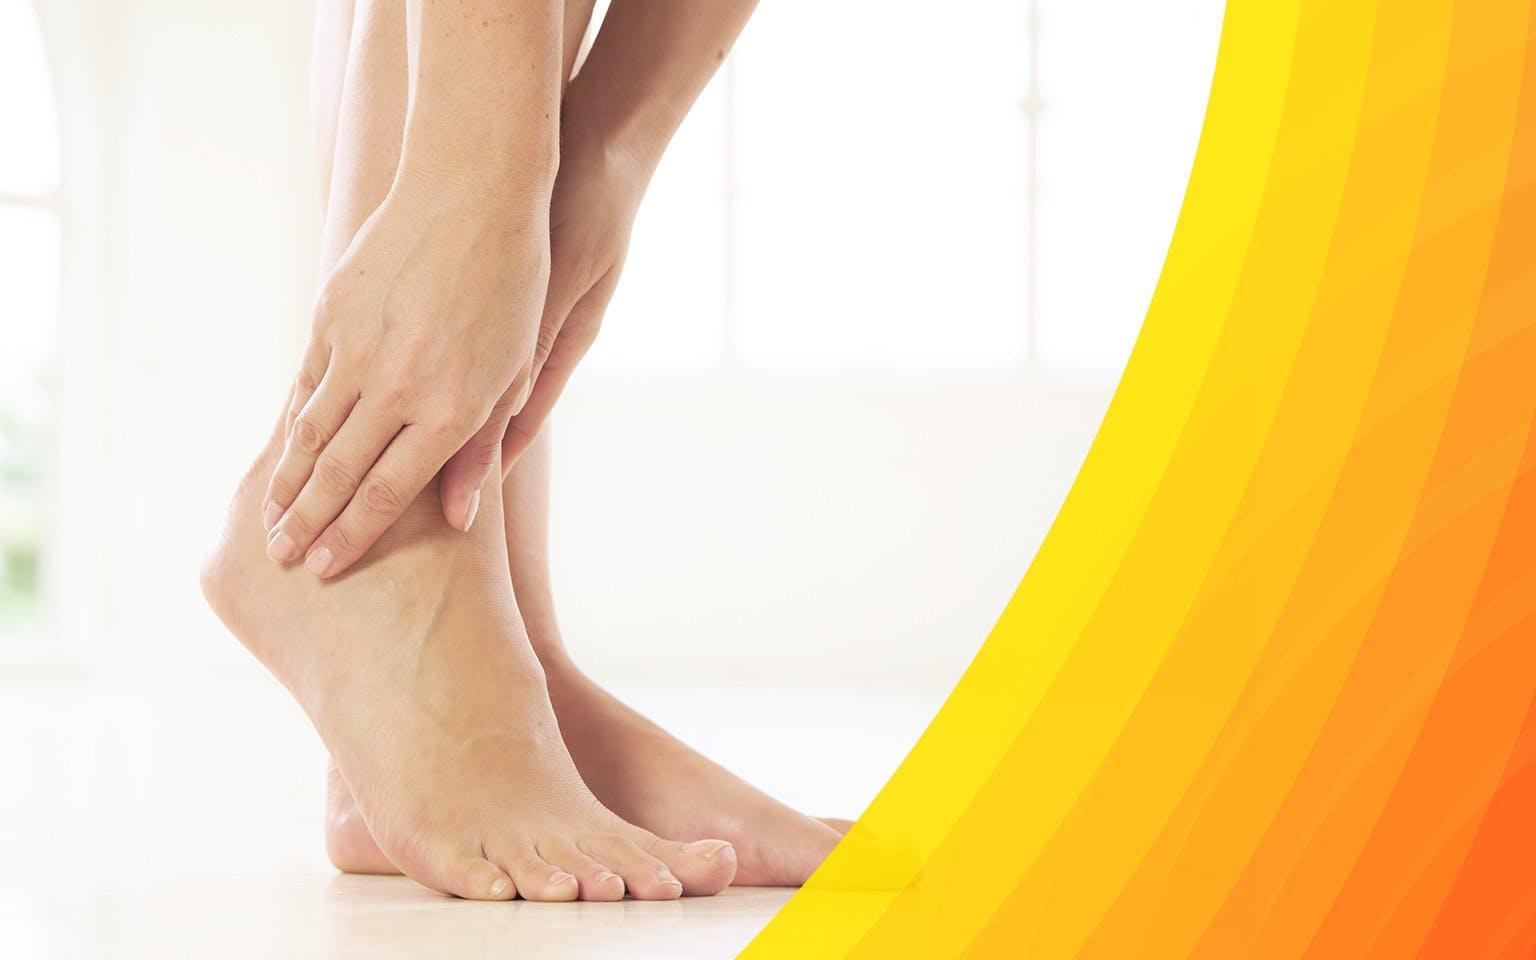 Kobieta łapiąca się za bolącą stopę